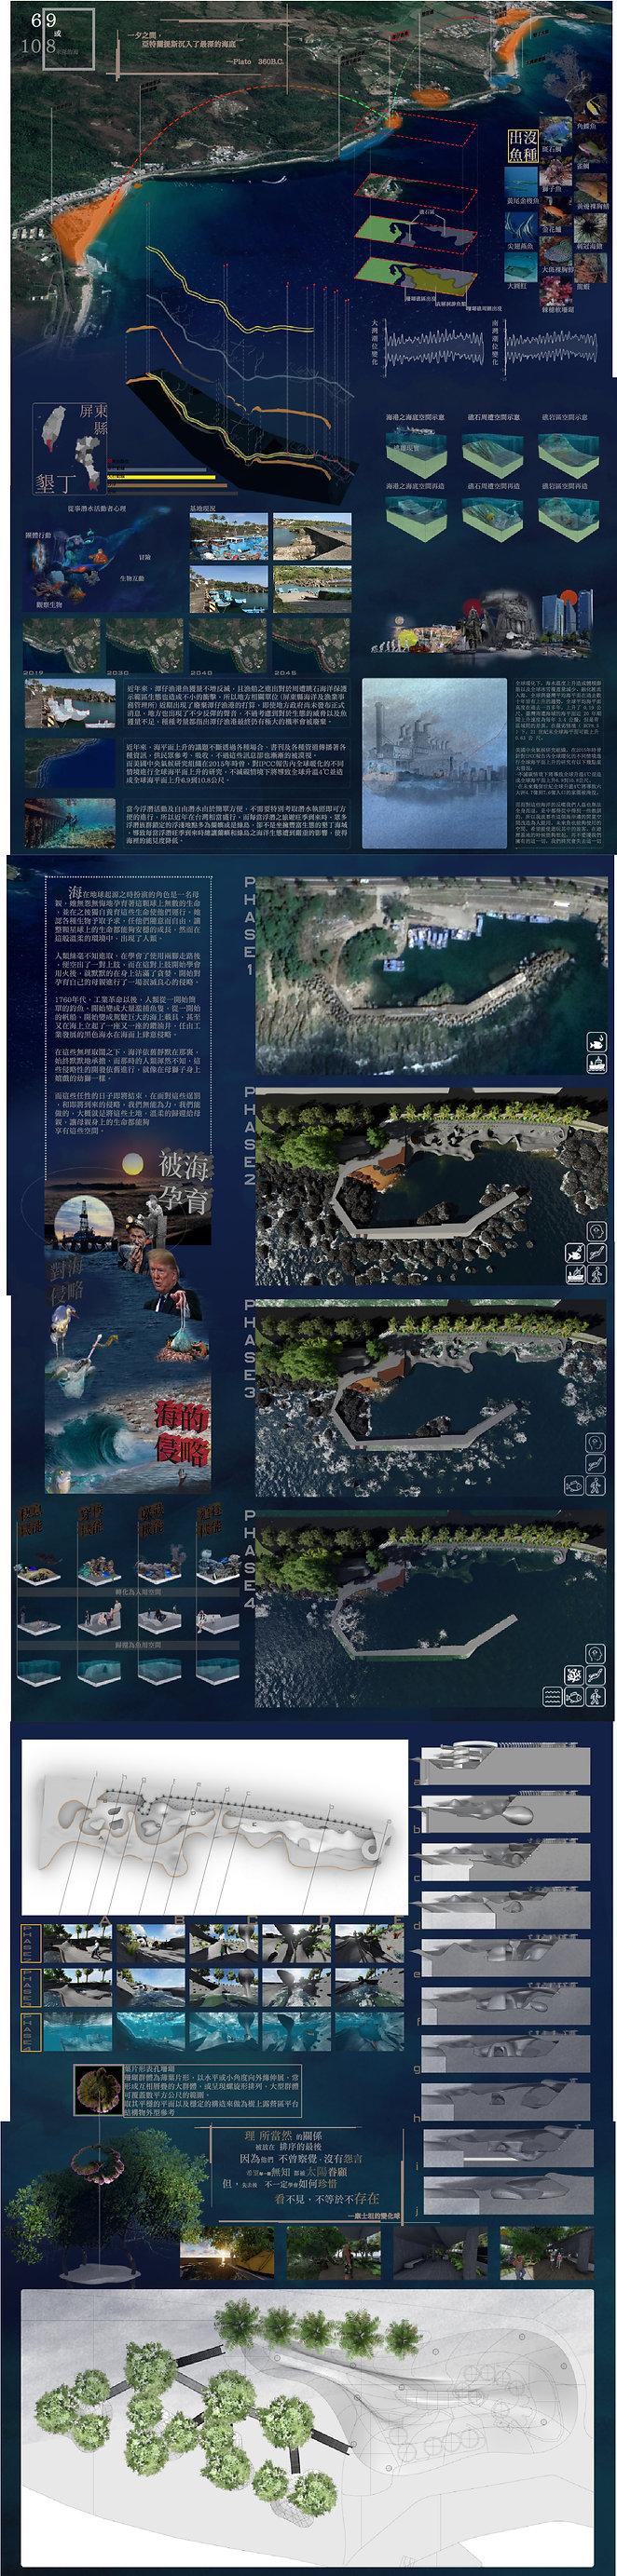 6.9或10.8米深的海-作品內容.JPG